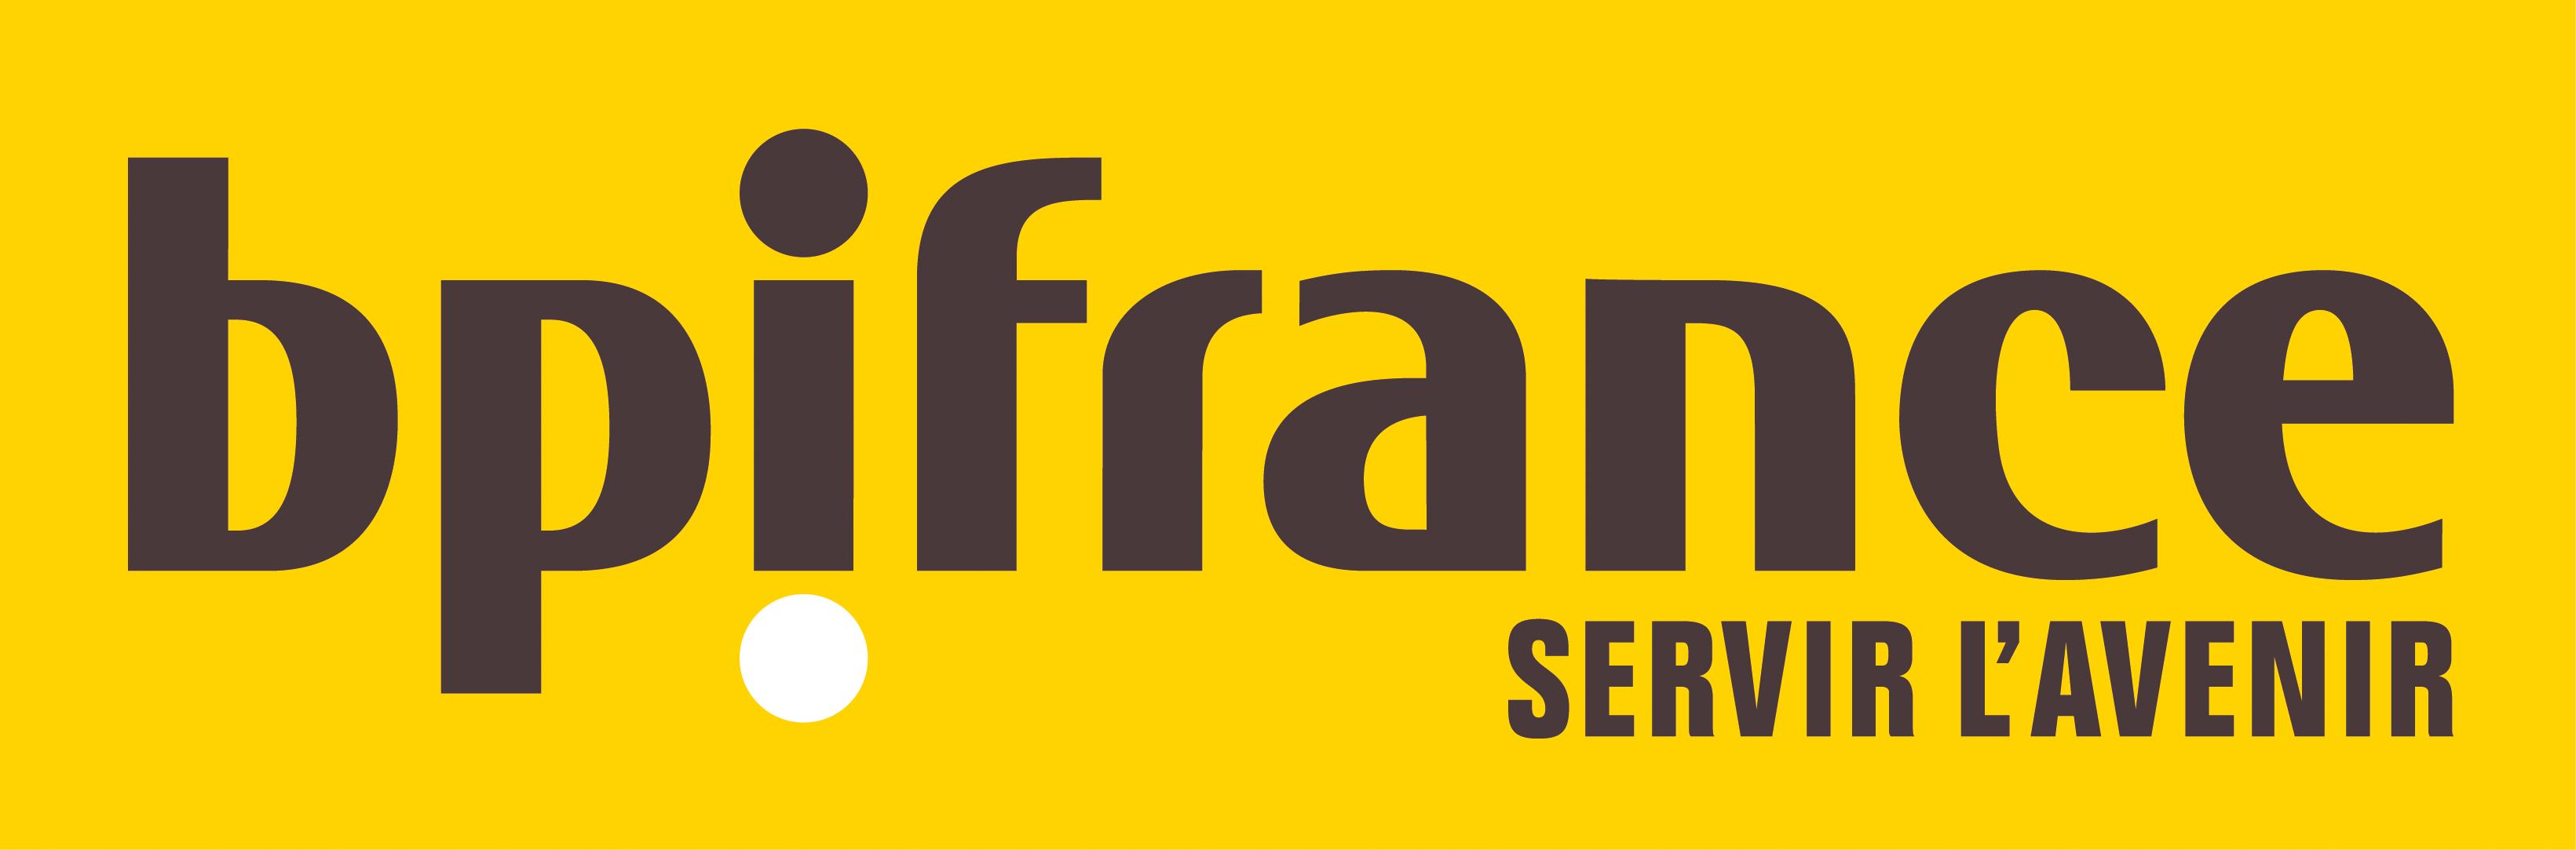 Logo-Bpifrance-baseline